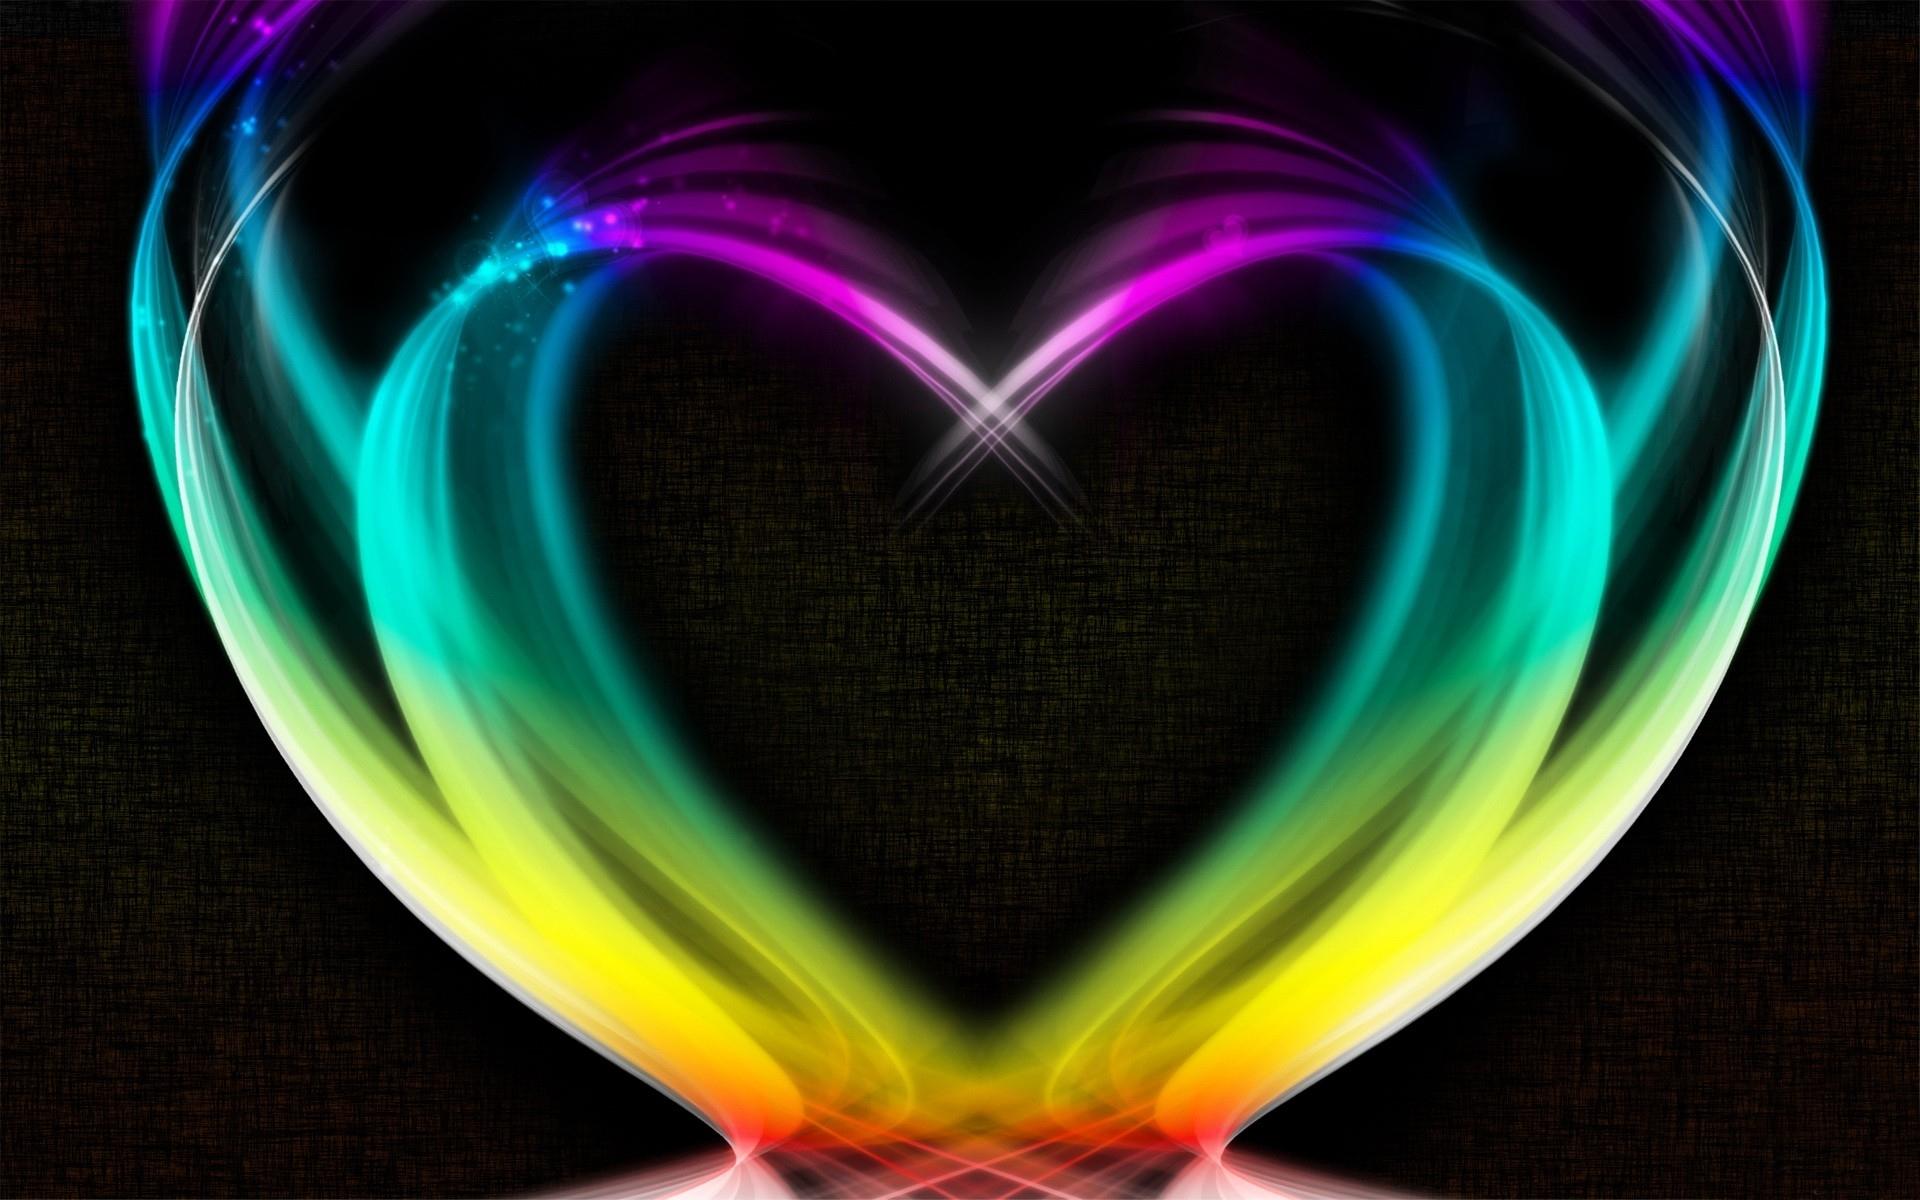 Cool Neon Heart Wallpaper 1920x1080px 776672 1920x1200